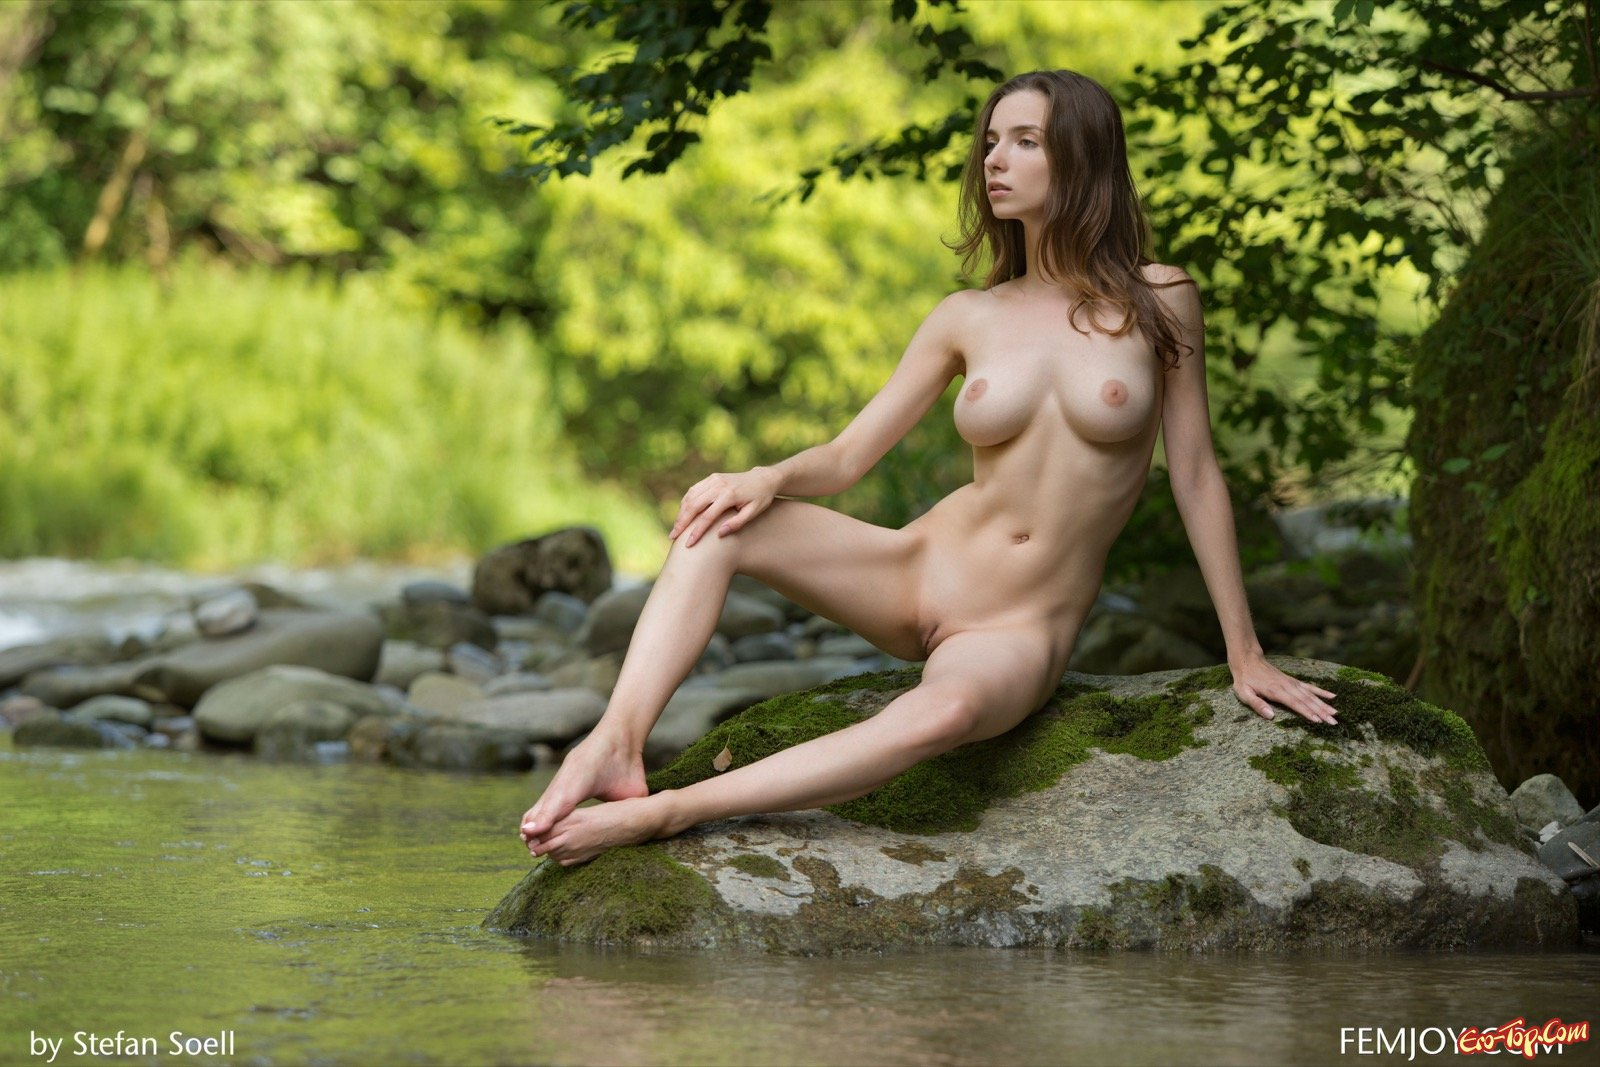 Голая девушка с красивой грудью на природе